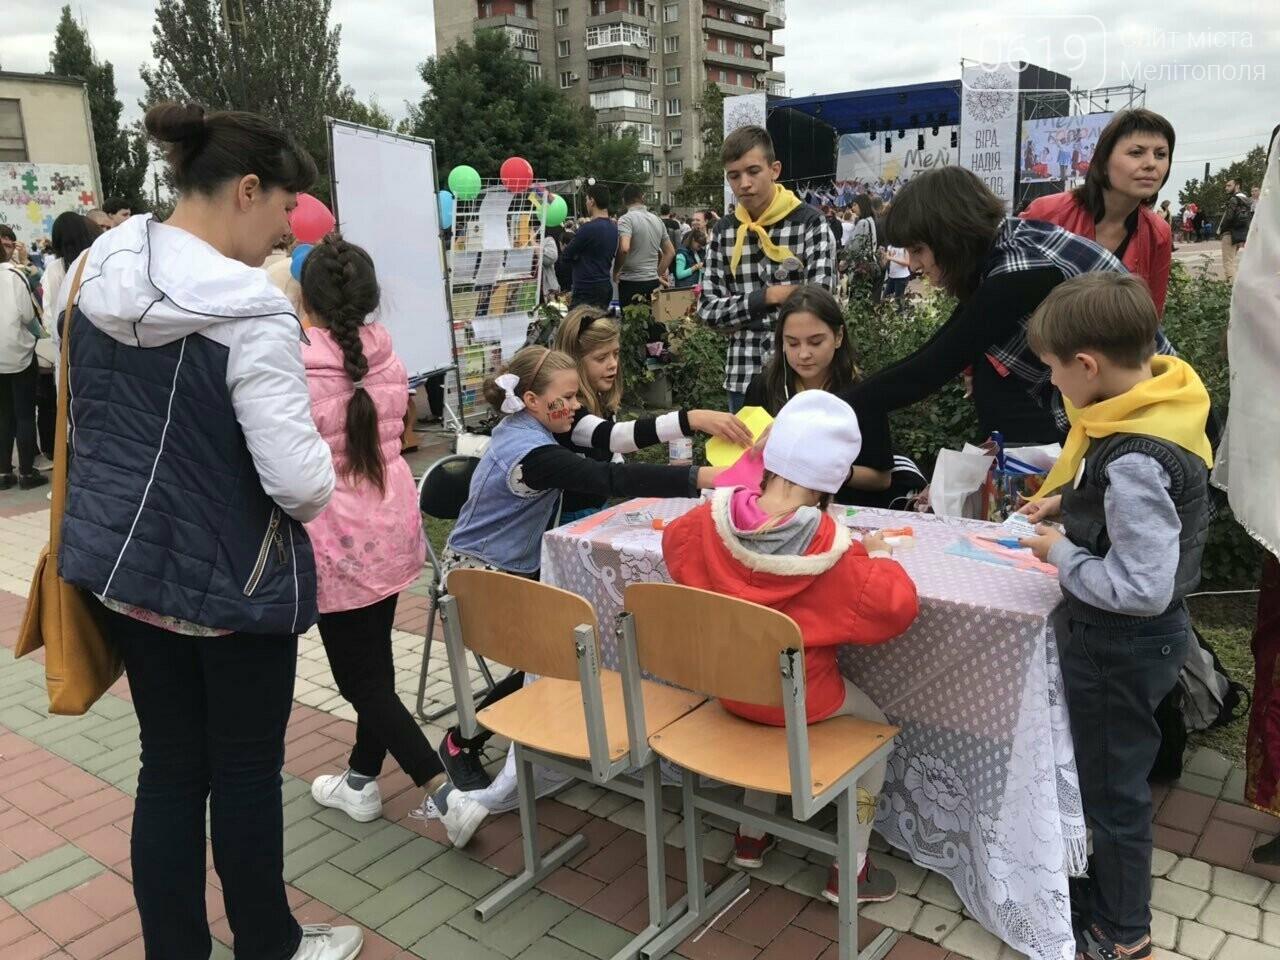 Вкусные блюда, яркие костюмы, выставки-ярмарки: в Мелитополе проходит фестиваль национальных культур, фото-12